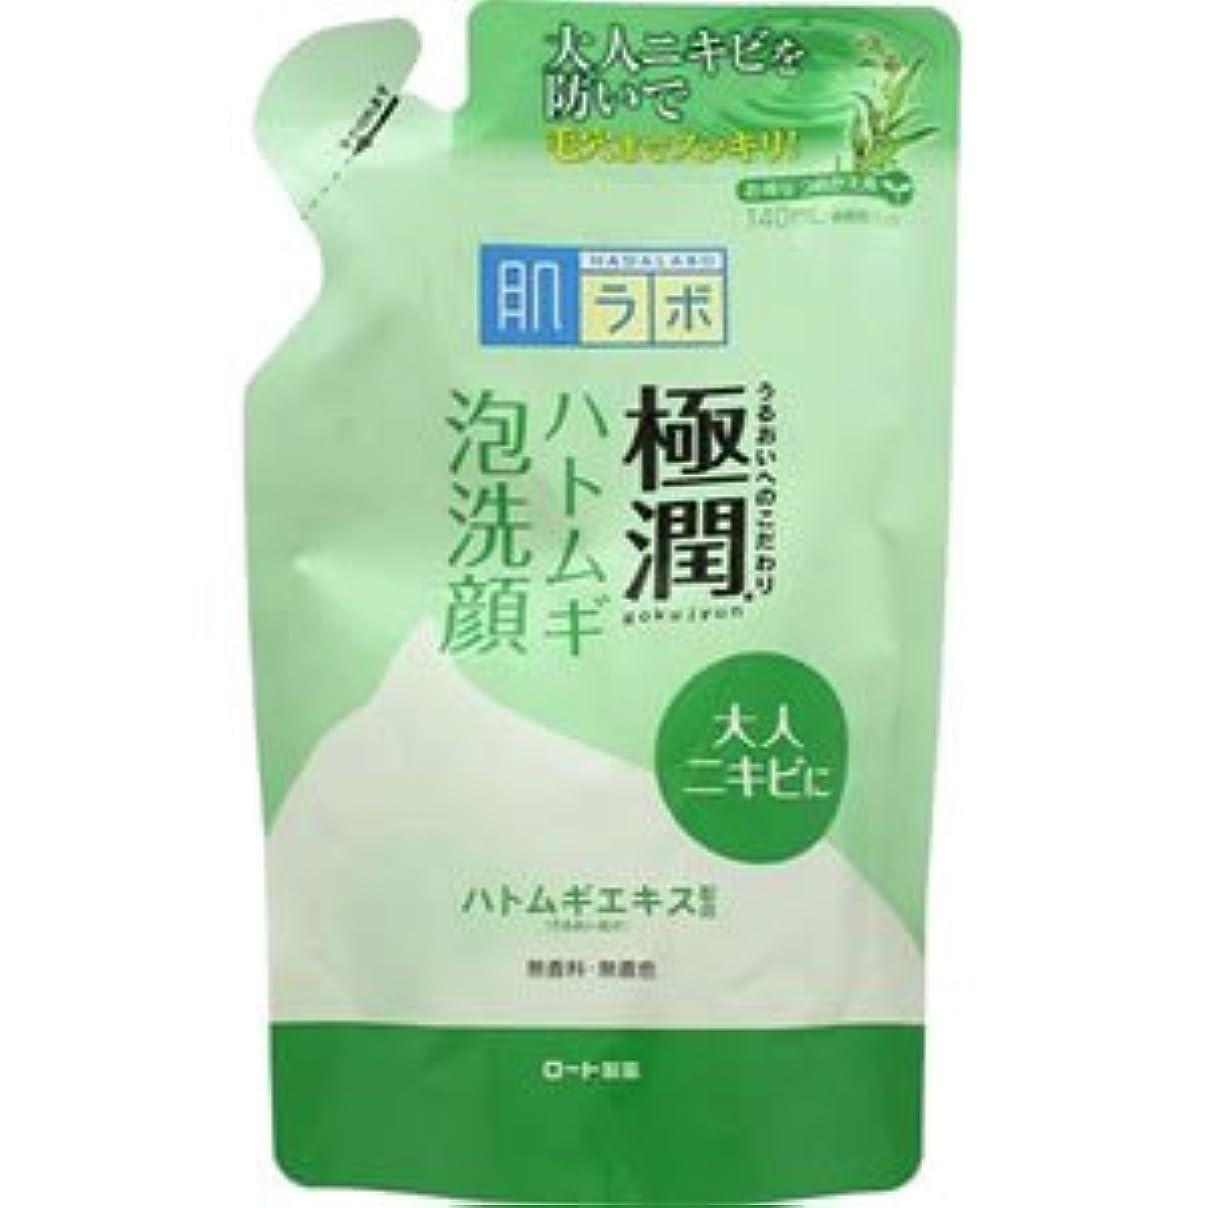 マディソン状況横(ロート製薬)肌研 極潤ハトムギ泡洗顔 140ml(つめかえ用)(お買い得3個セット)